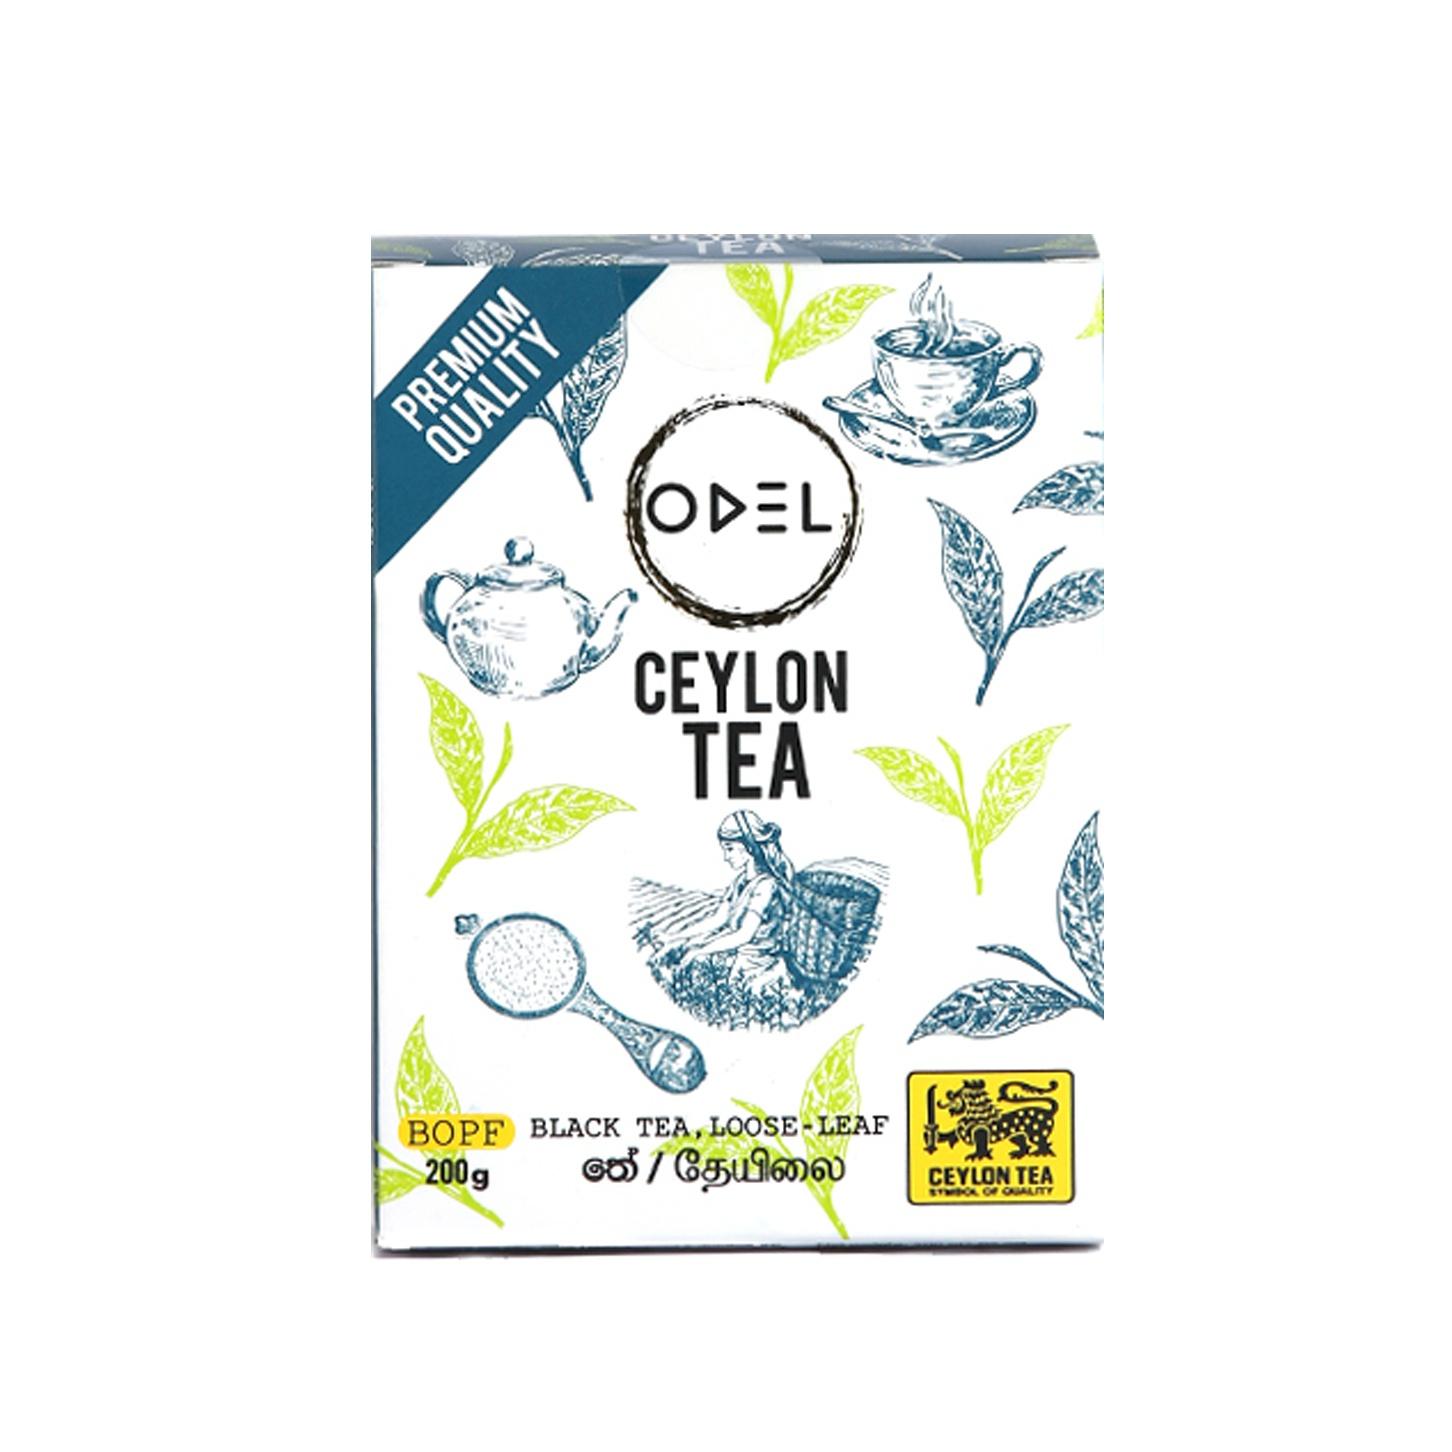 Odel Black Tea Loose Leaf Bopf 200G - in Sri Lanka